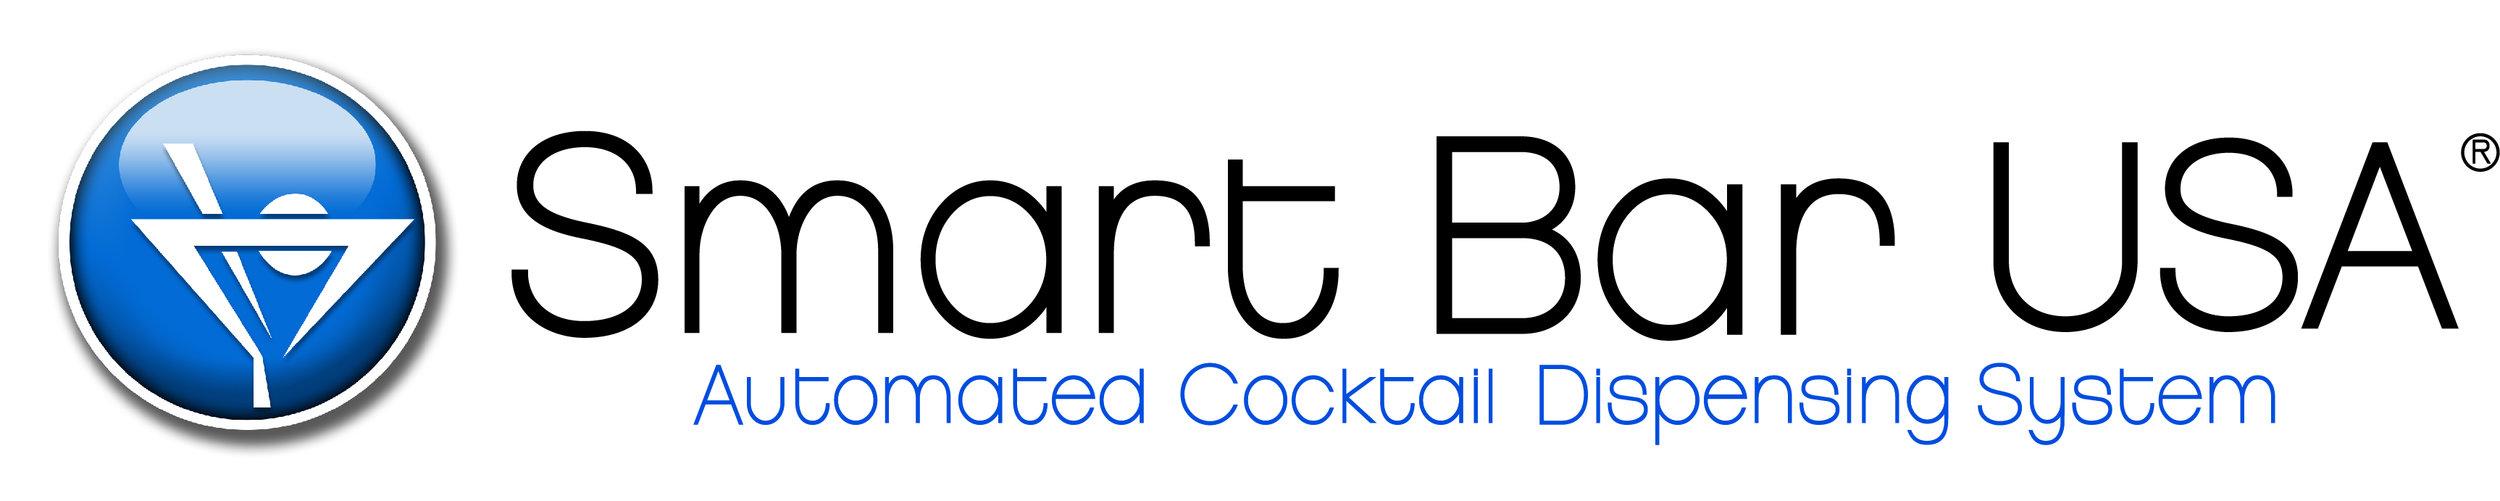 SmartBar USA Logo